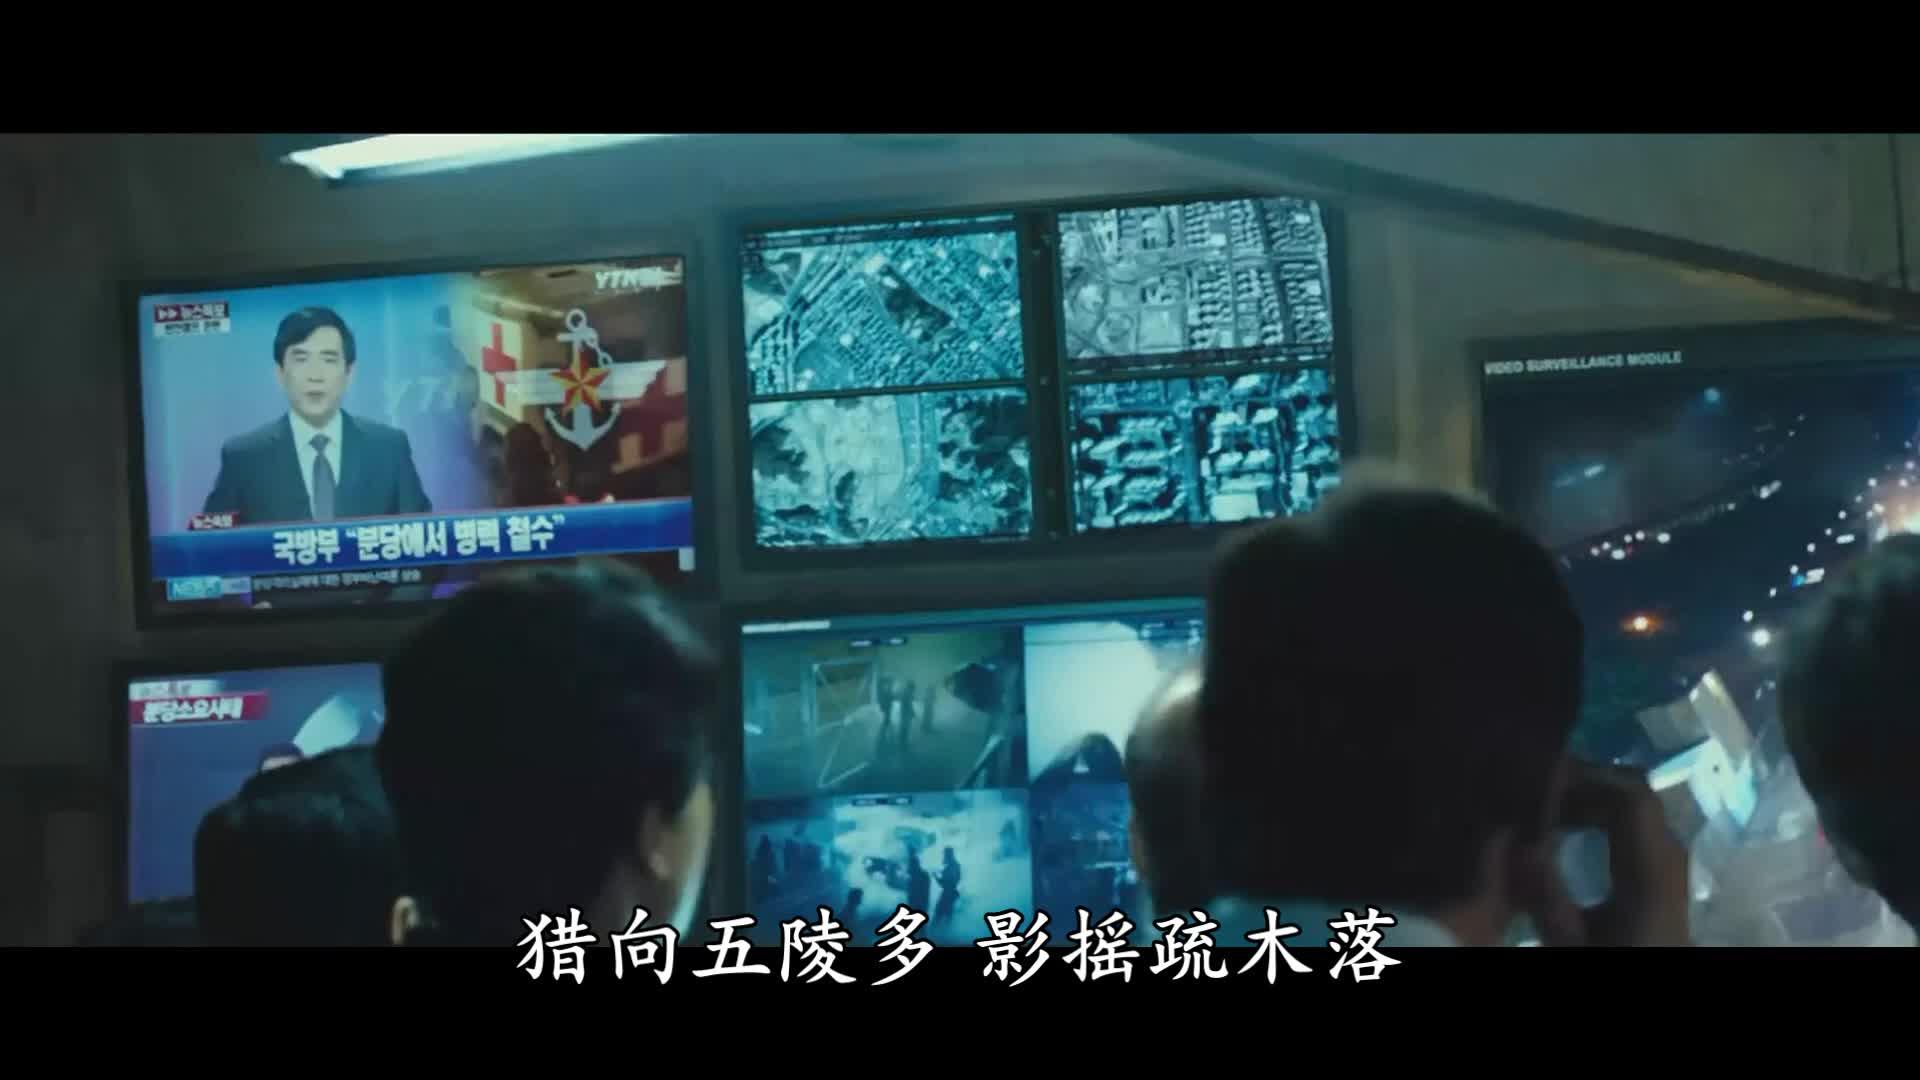 #经典看电影# 3分钟看完韩国催泪灾难惊悚片《流感》,一个孩子救了全城人民